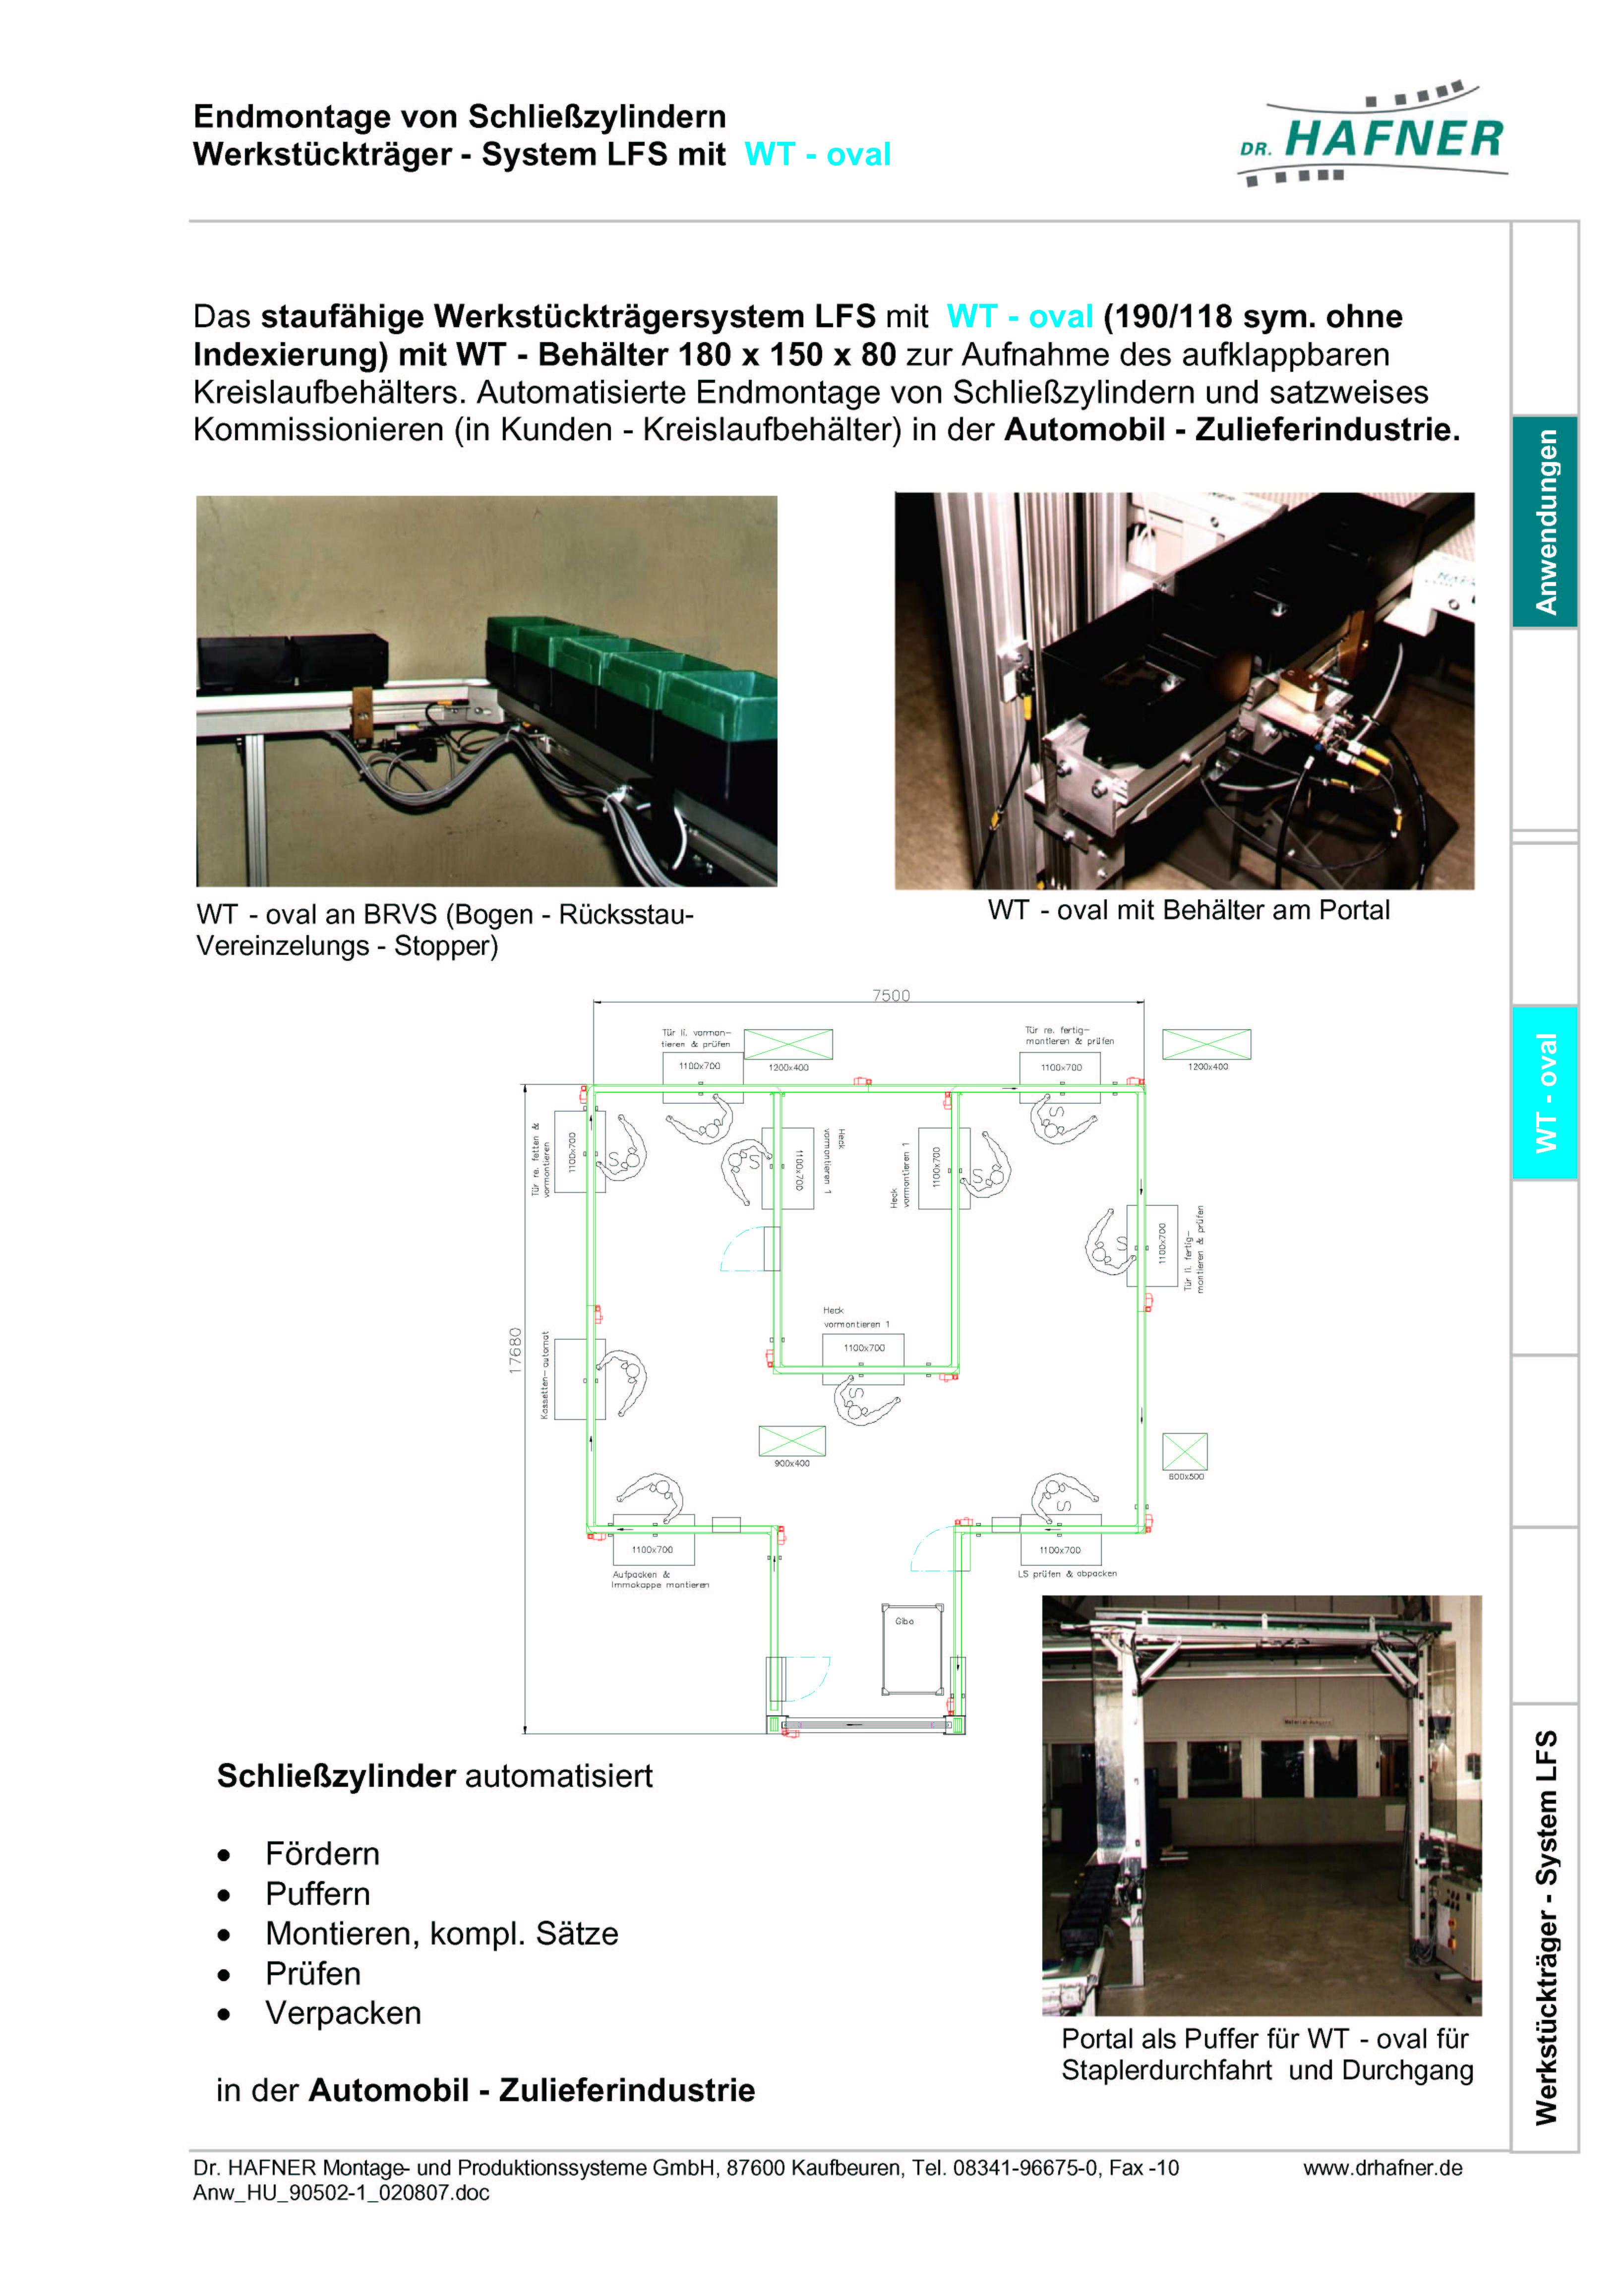 Dr. HAFNER_PKWP_28 Endmontage Schliesszylinder Werkstückträger